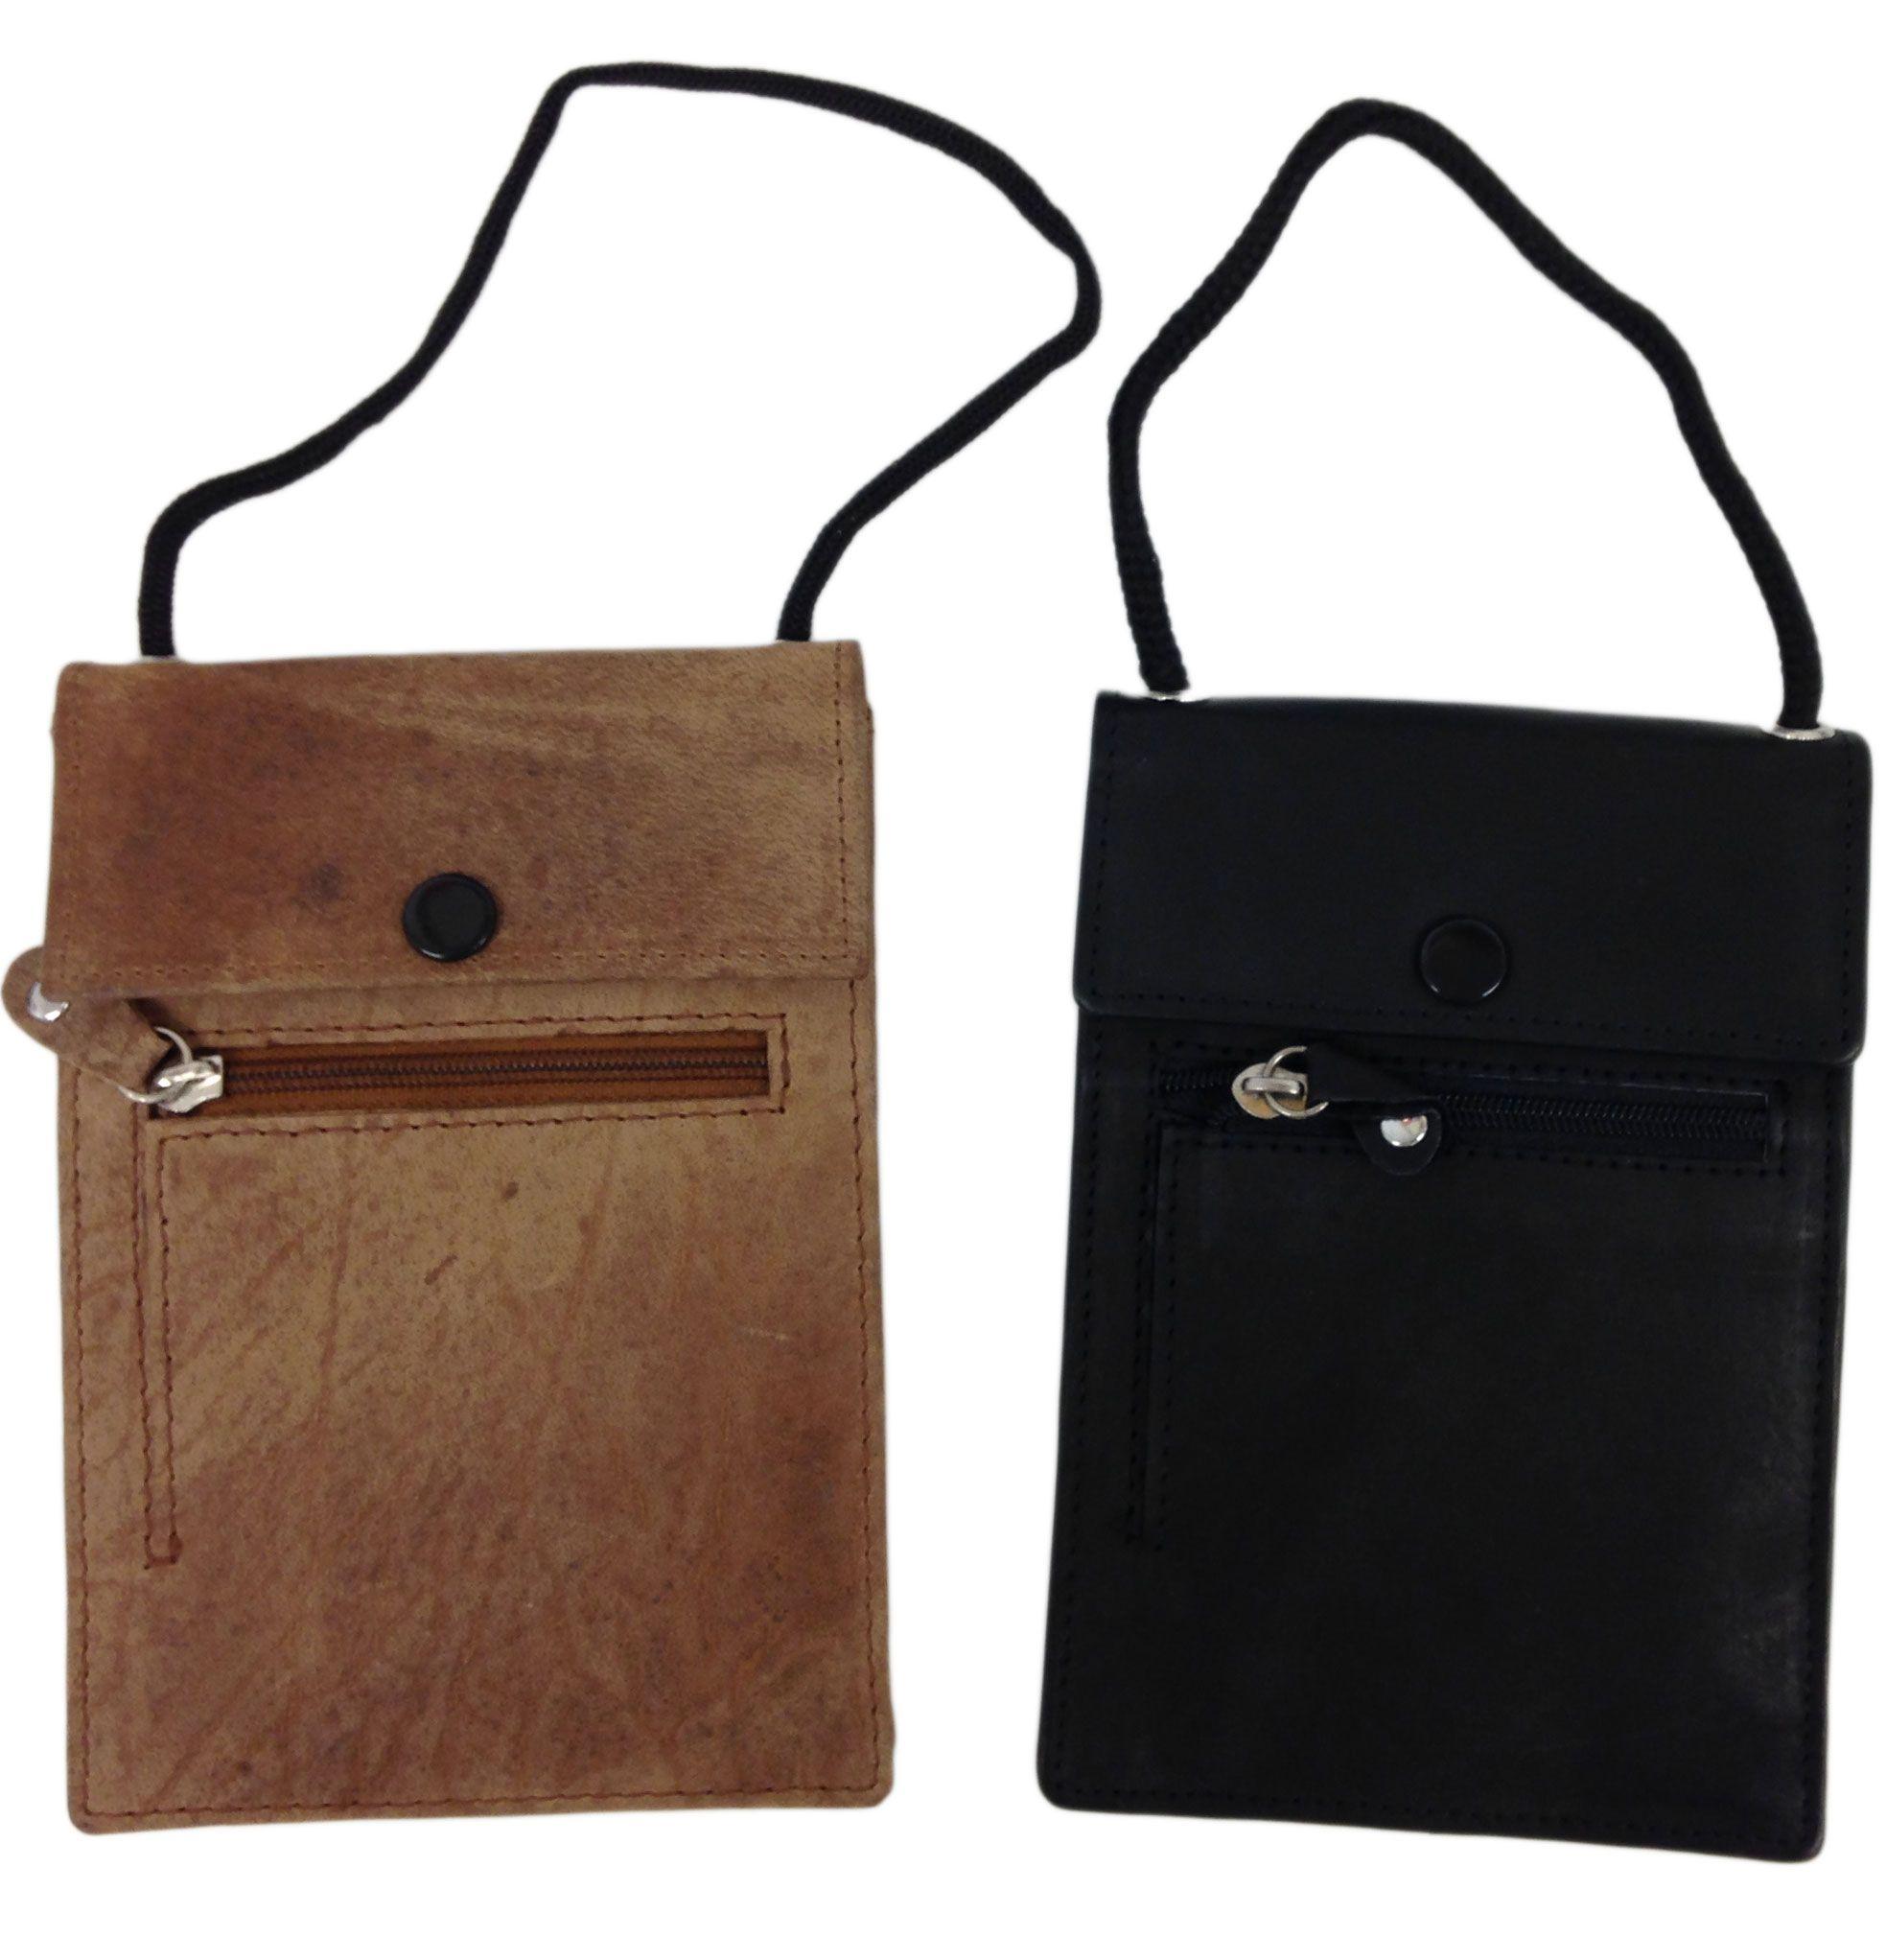 ff554874bfc Nektasje in zwart en bruin www.e-belts.nl | Safekeepers Products - Belt